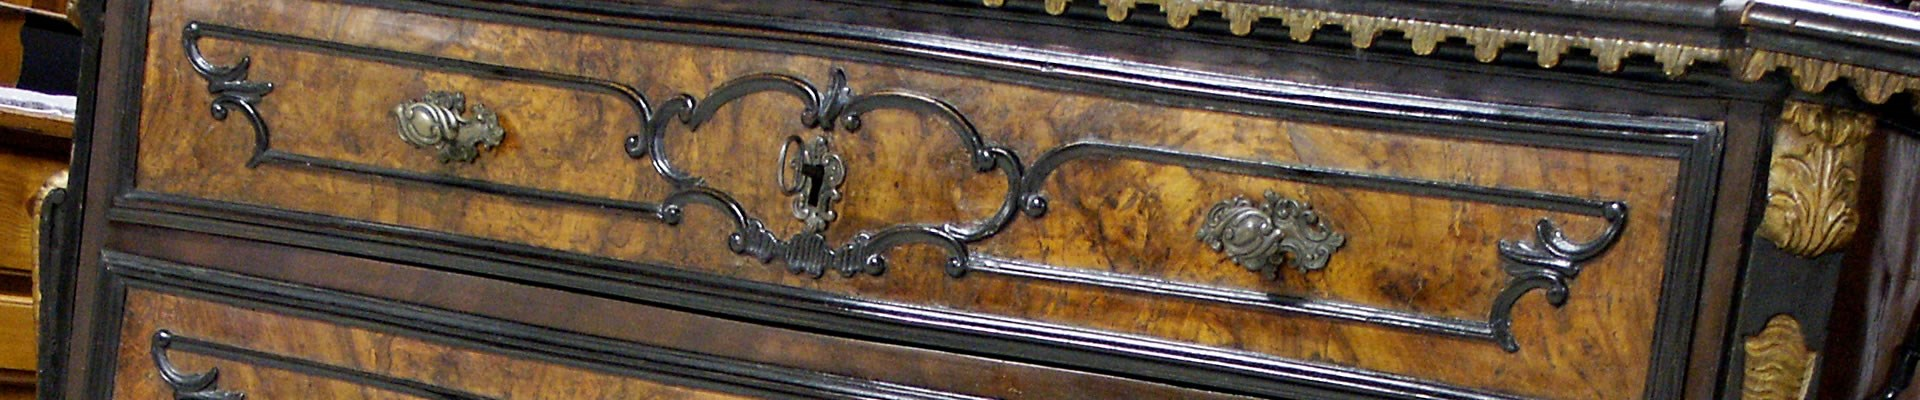 Importante canterano lombardo intarsiato in noce for Mobili antichi vendita